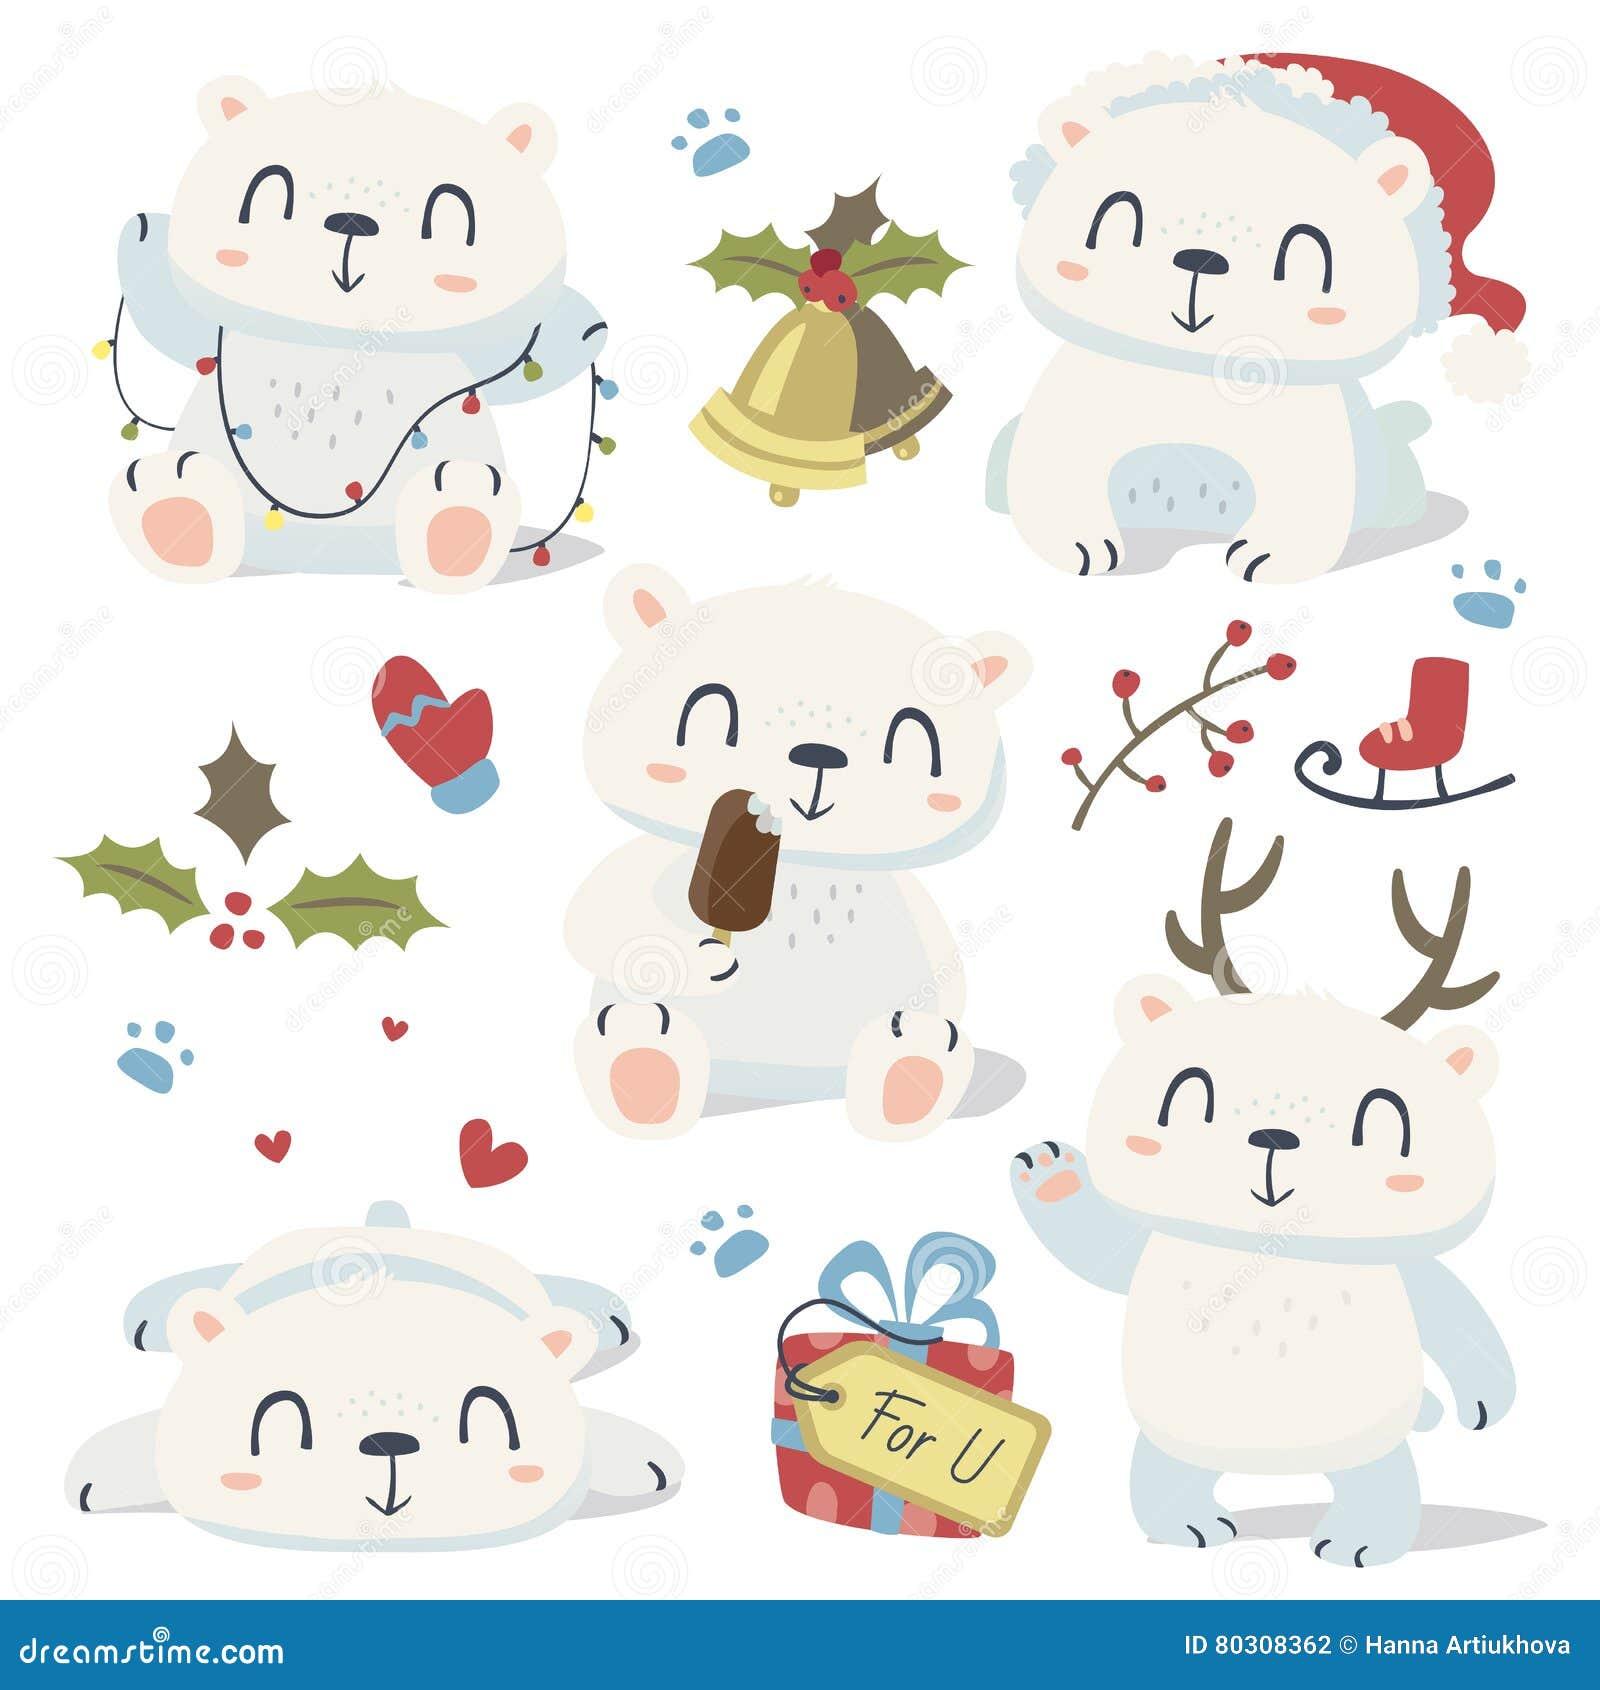 Cartoon style cute polar bear set